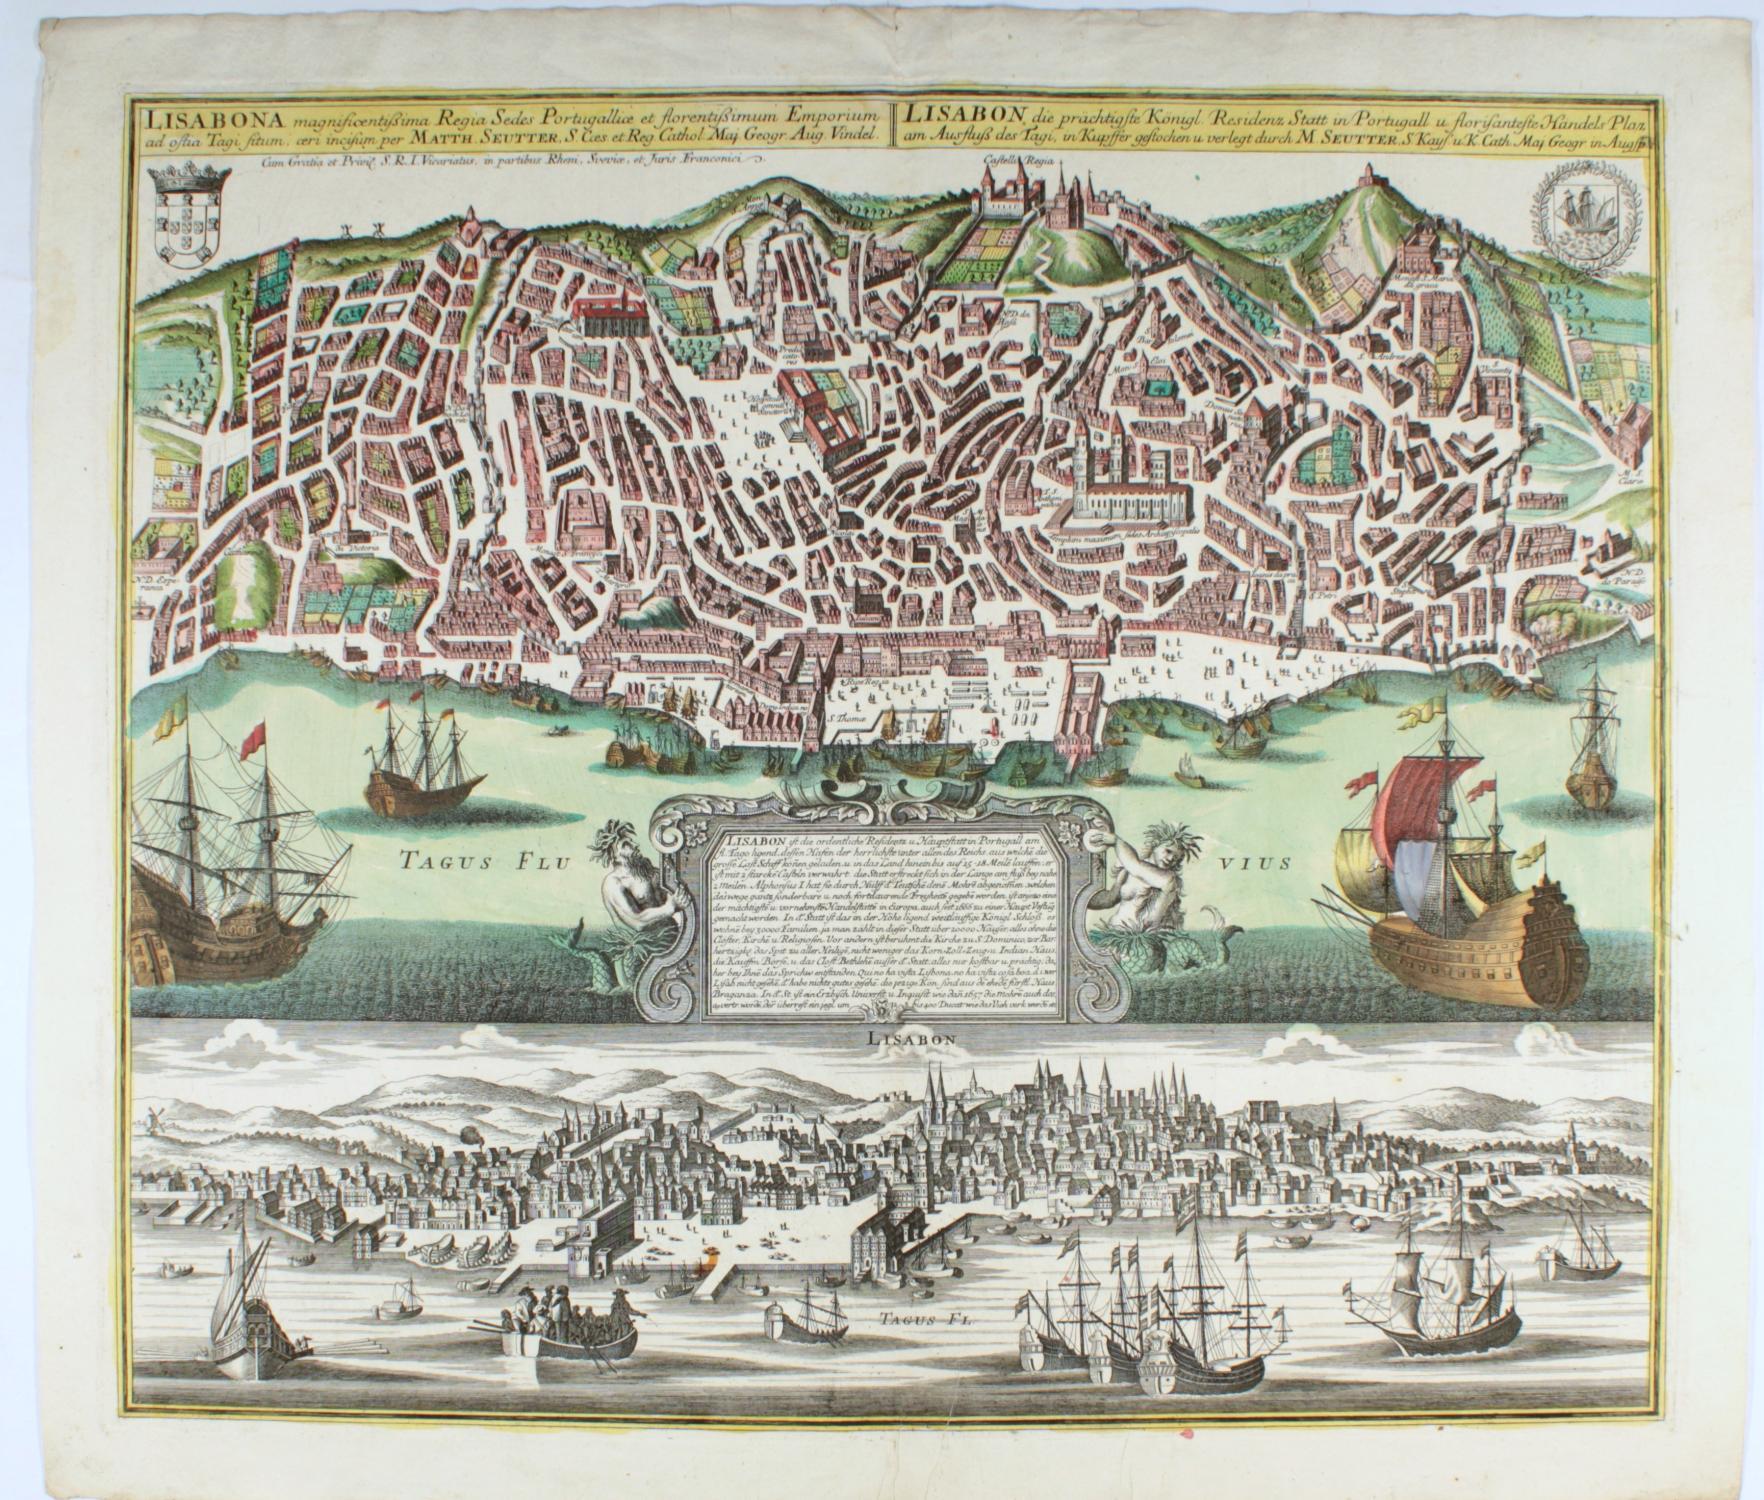 Lisabona magnificentissima Regia sedes Portugalliae et florentissimum: Lissabon - Lisboa